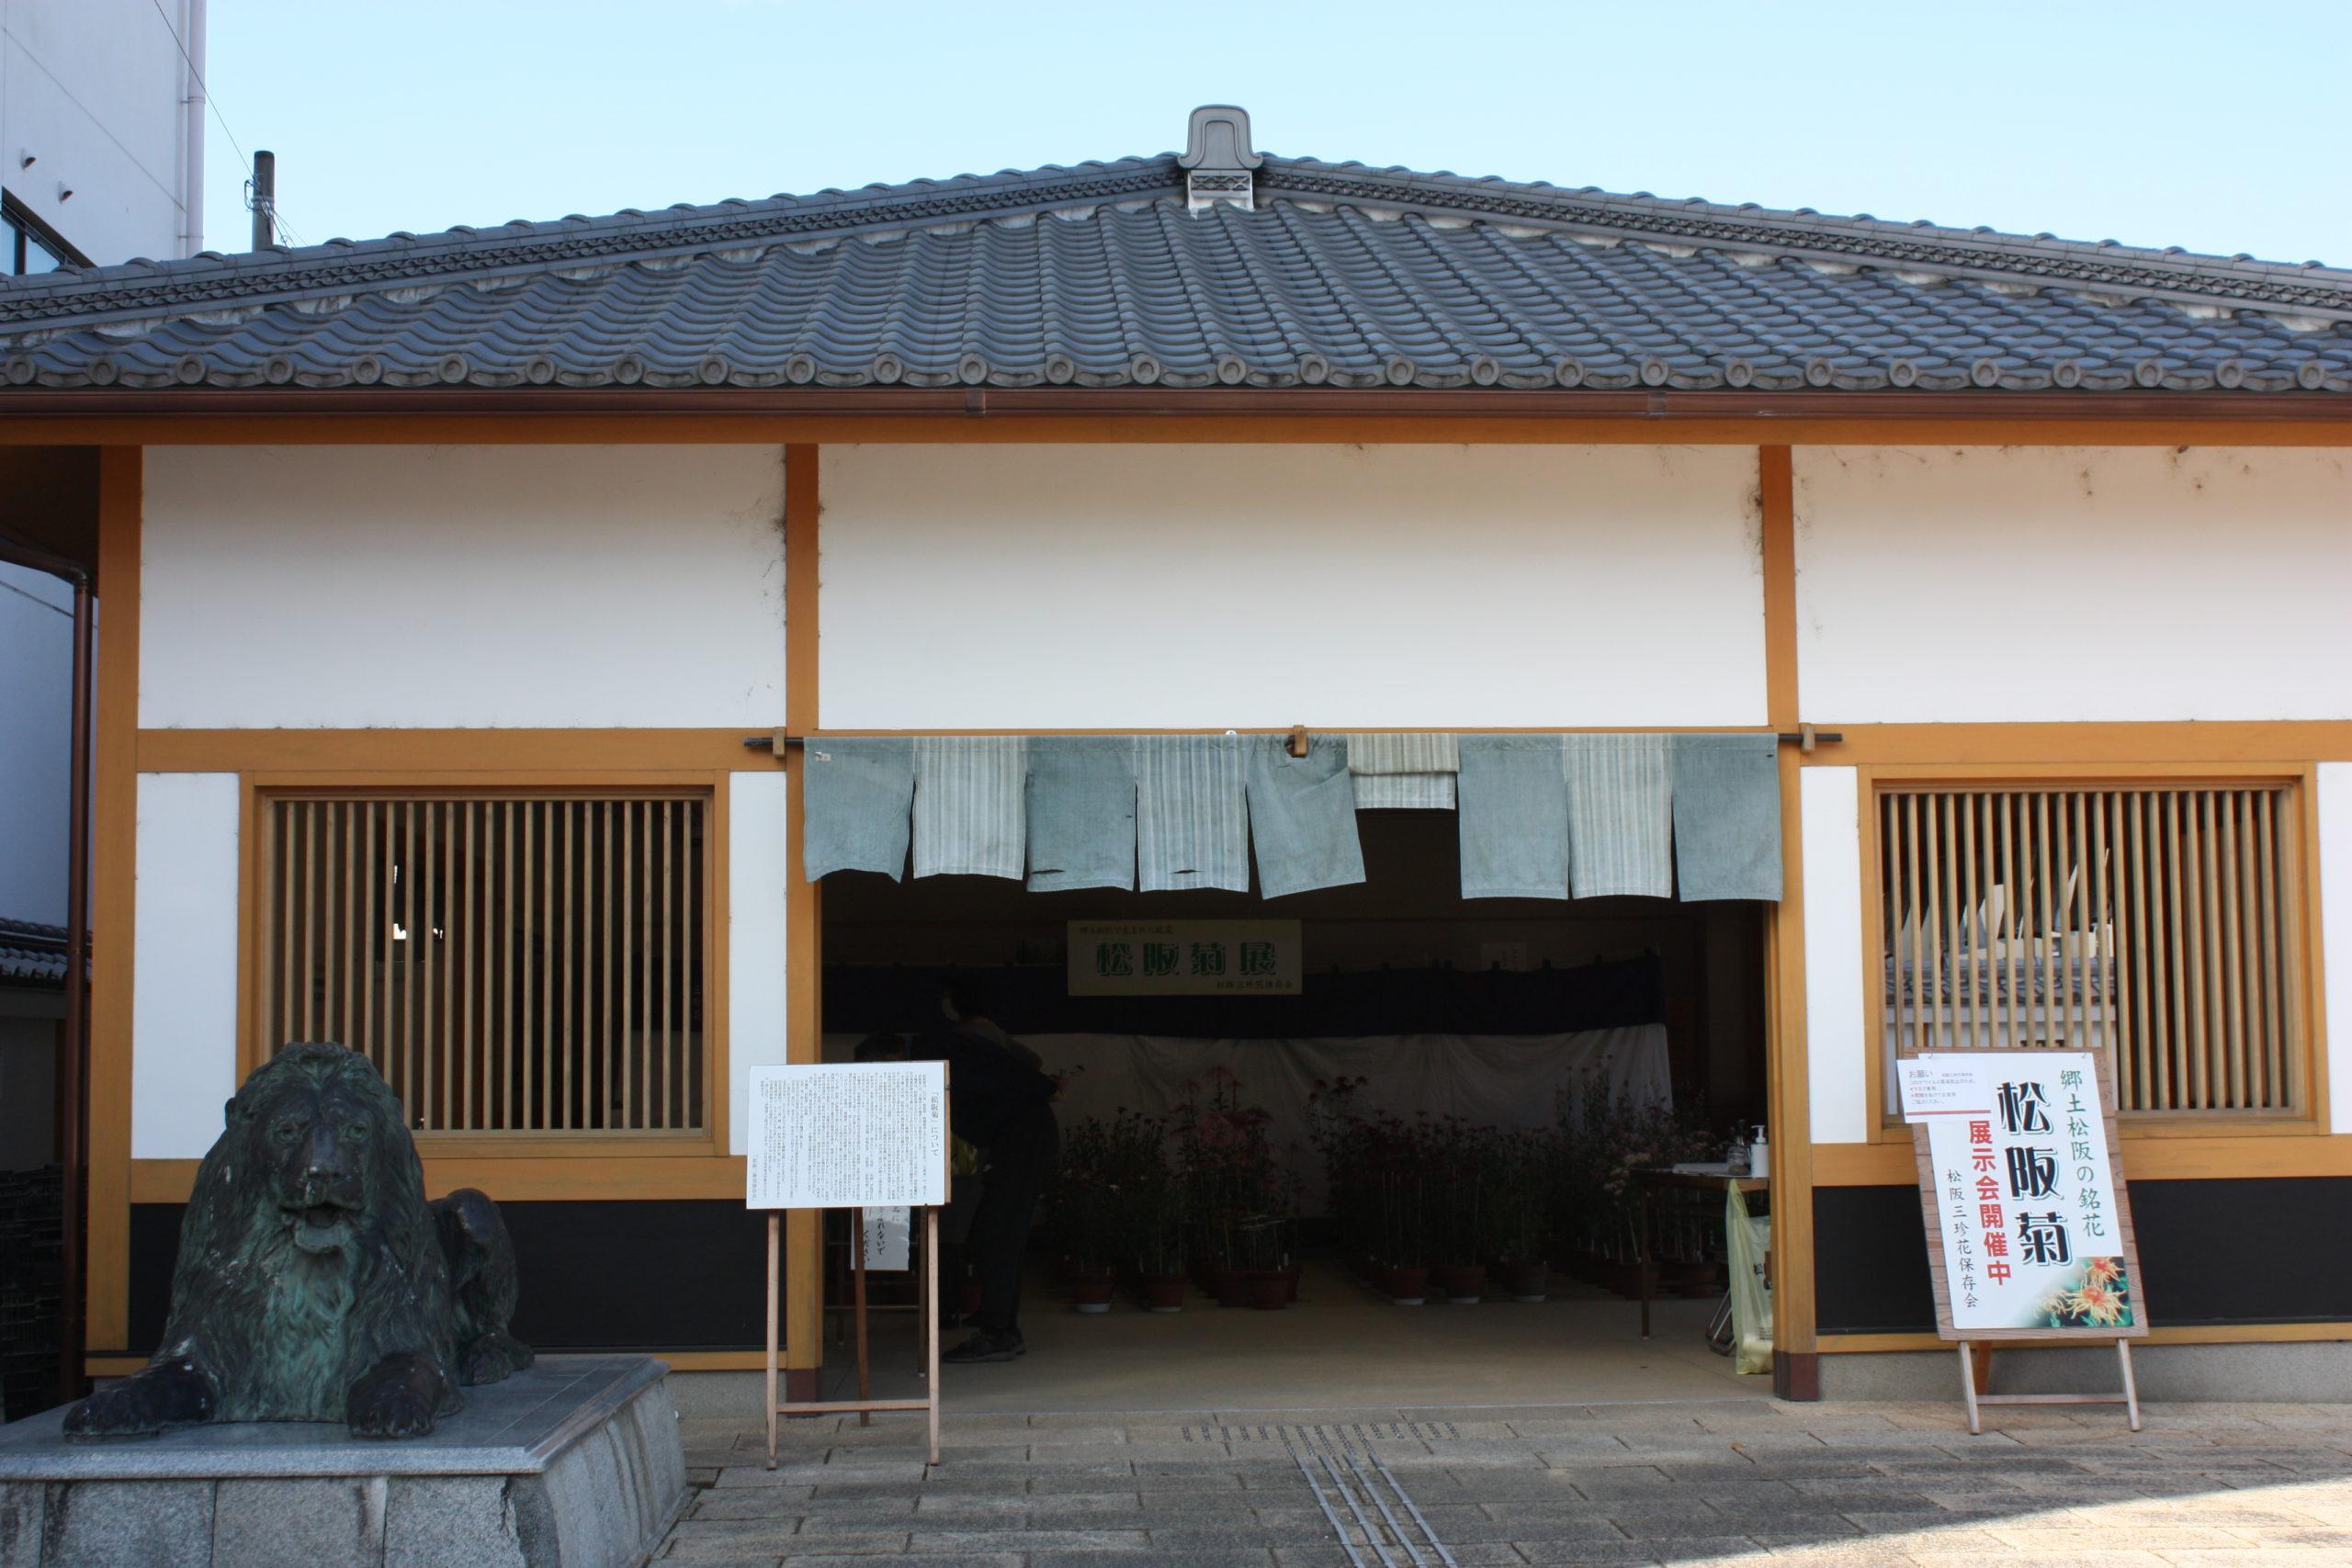 2020年11月11日(水)~11月15日(日)令和2年度 「松阪菊展示会」